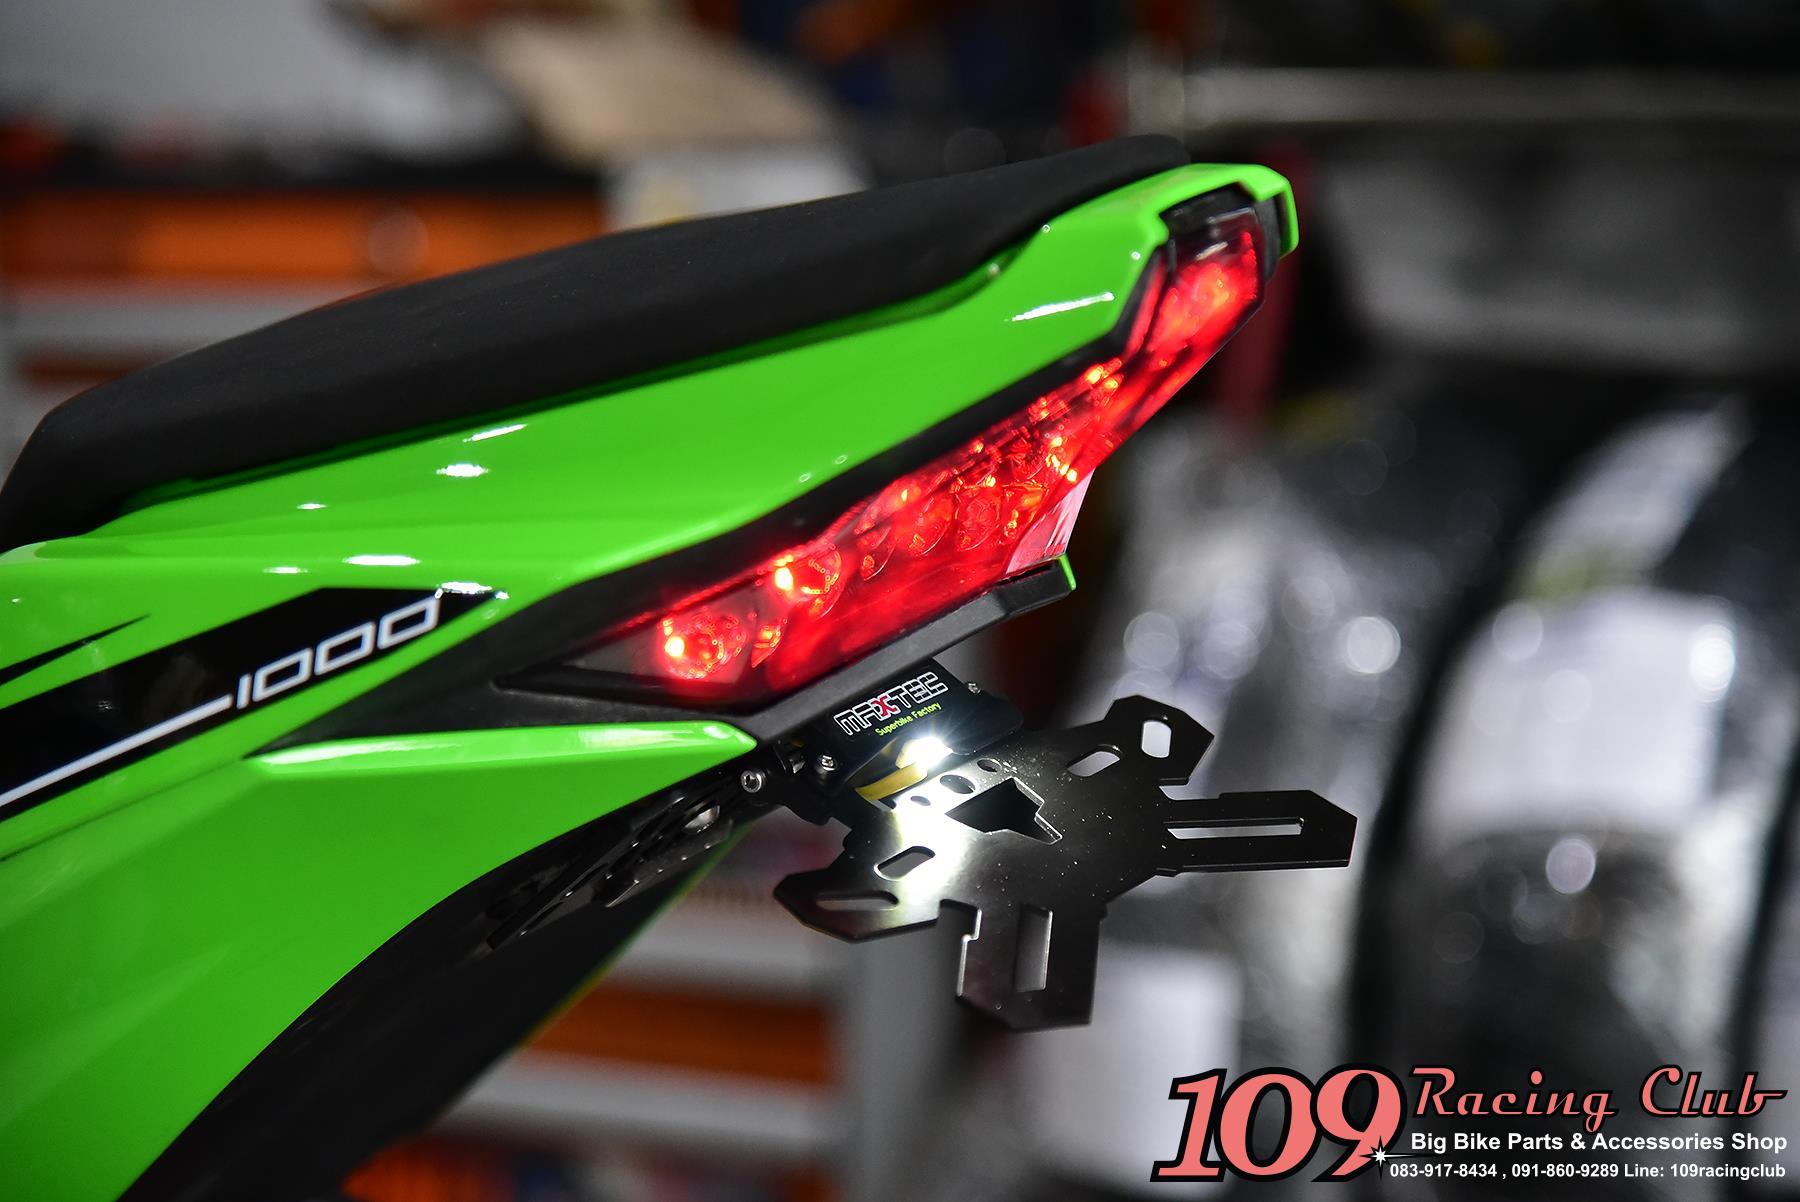 ท้ายสั้นพับได้ แบรนด์ MaxTec Superbike